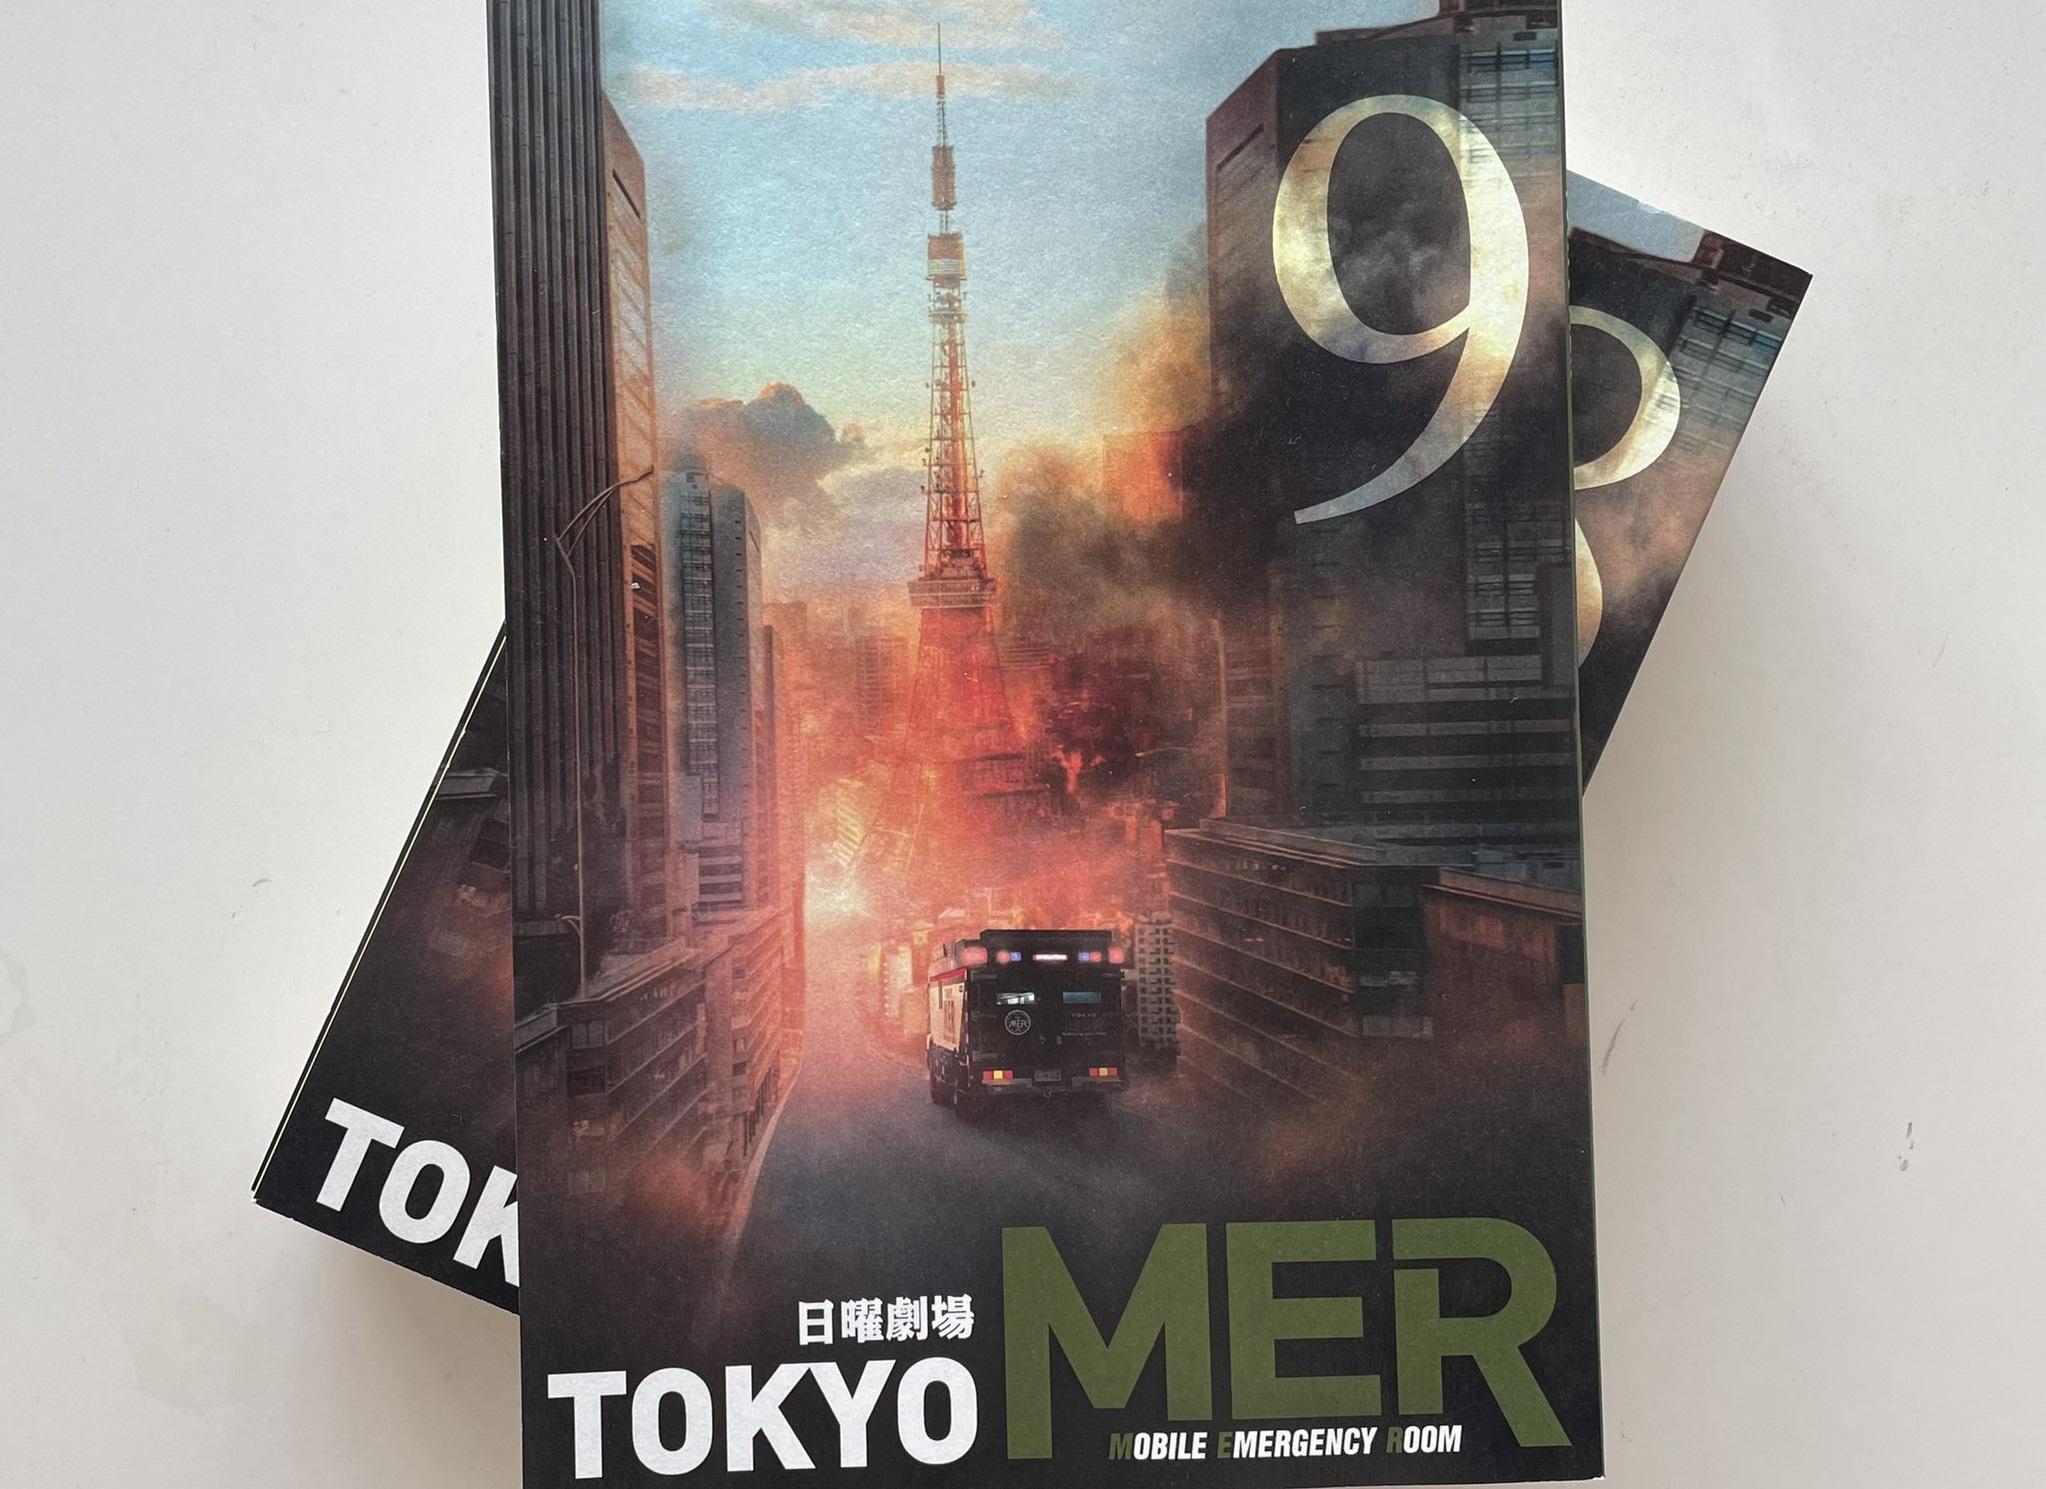 日曜劇場【TOKYO MER走る緊急救命室】9話のネタバレ!10話で死者が出る!?